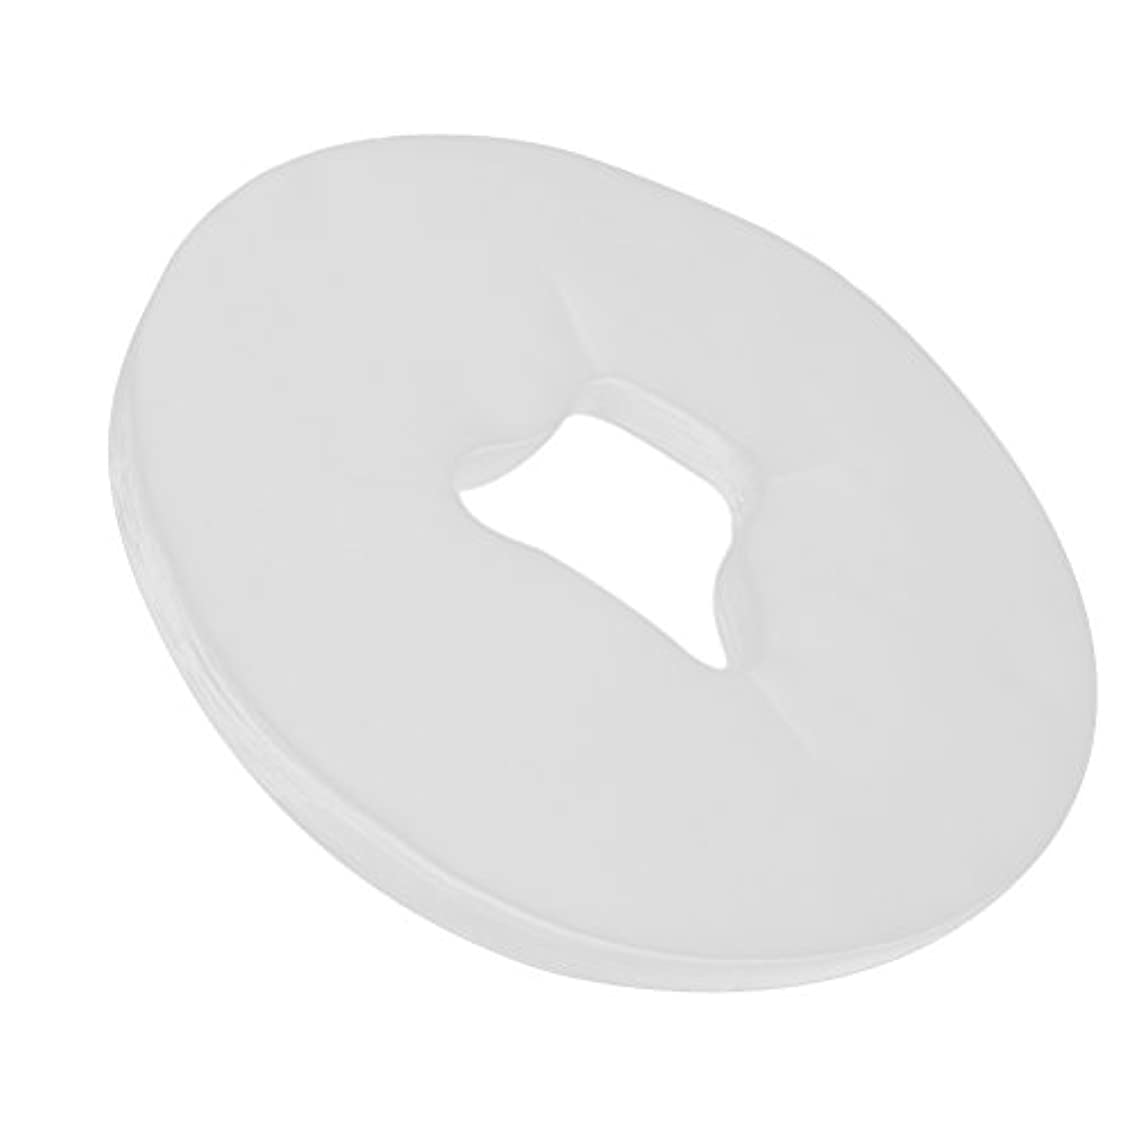 グレークレア終点Healifty 100Pcs使い捨て可能な表面揺りかごはマッサージのテーブルのためのマッサージの表面残りカバーを覆います